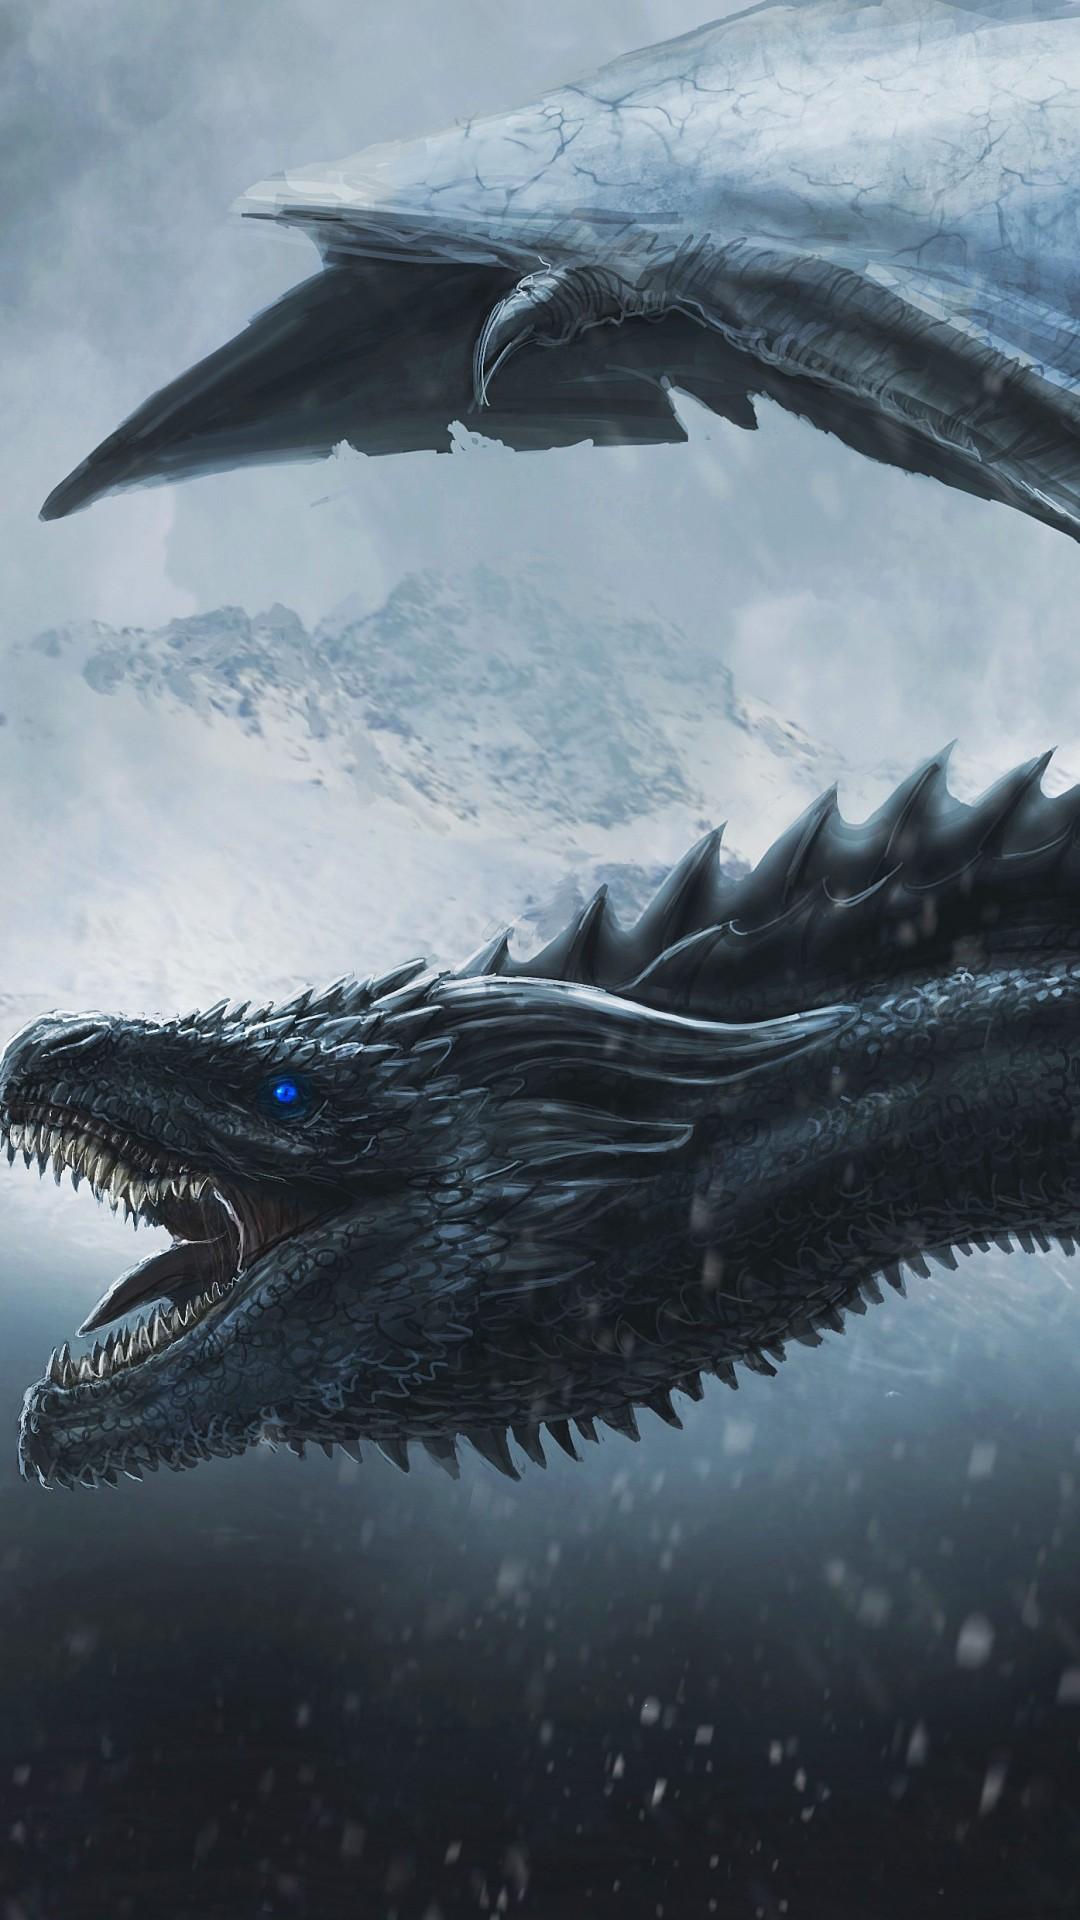 Night King Dragon Game Of Thrones Desktop Wallpaper - 4k Dragon - HD Wallpaper